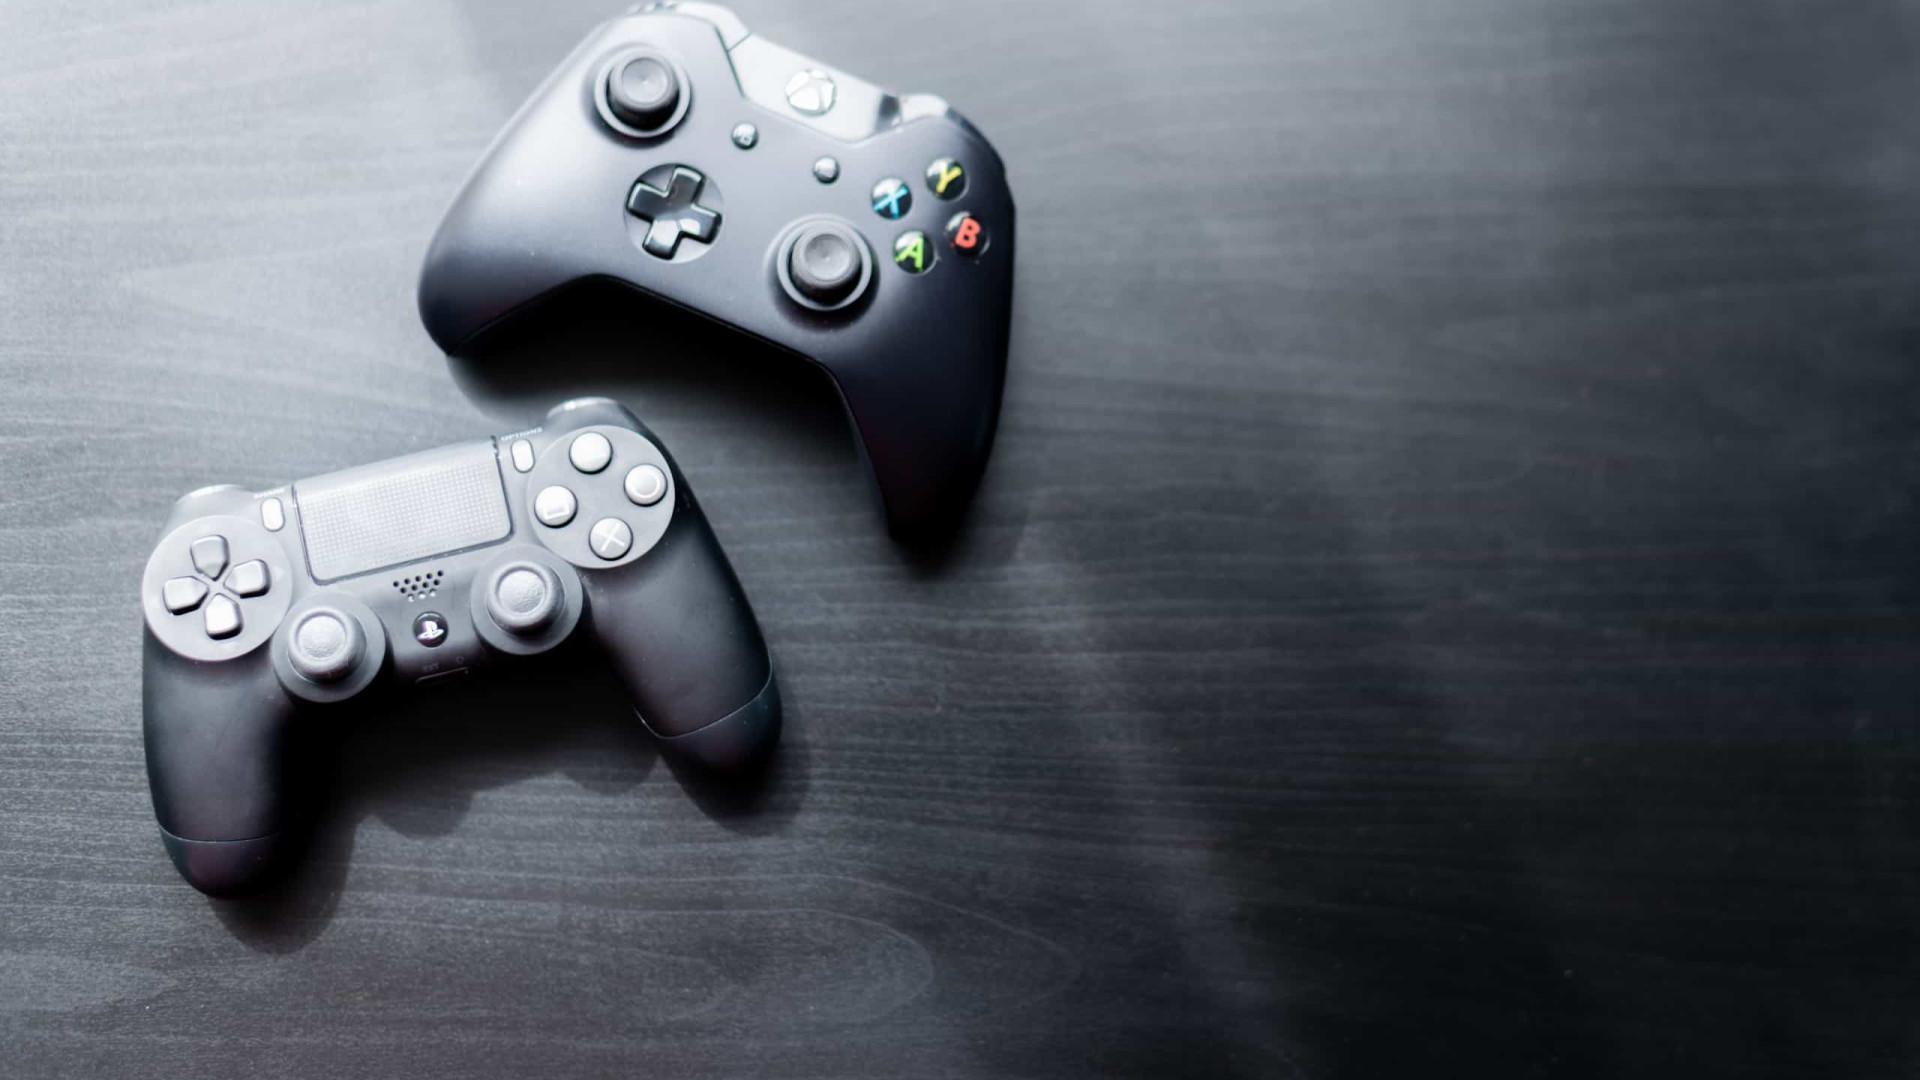 Nova Xbox mais potente que PS5? Engenheiro esclarece